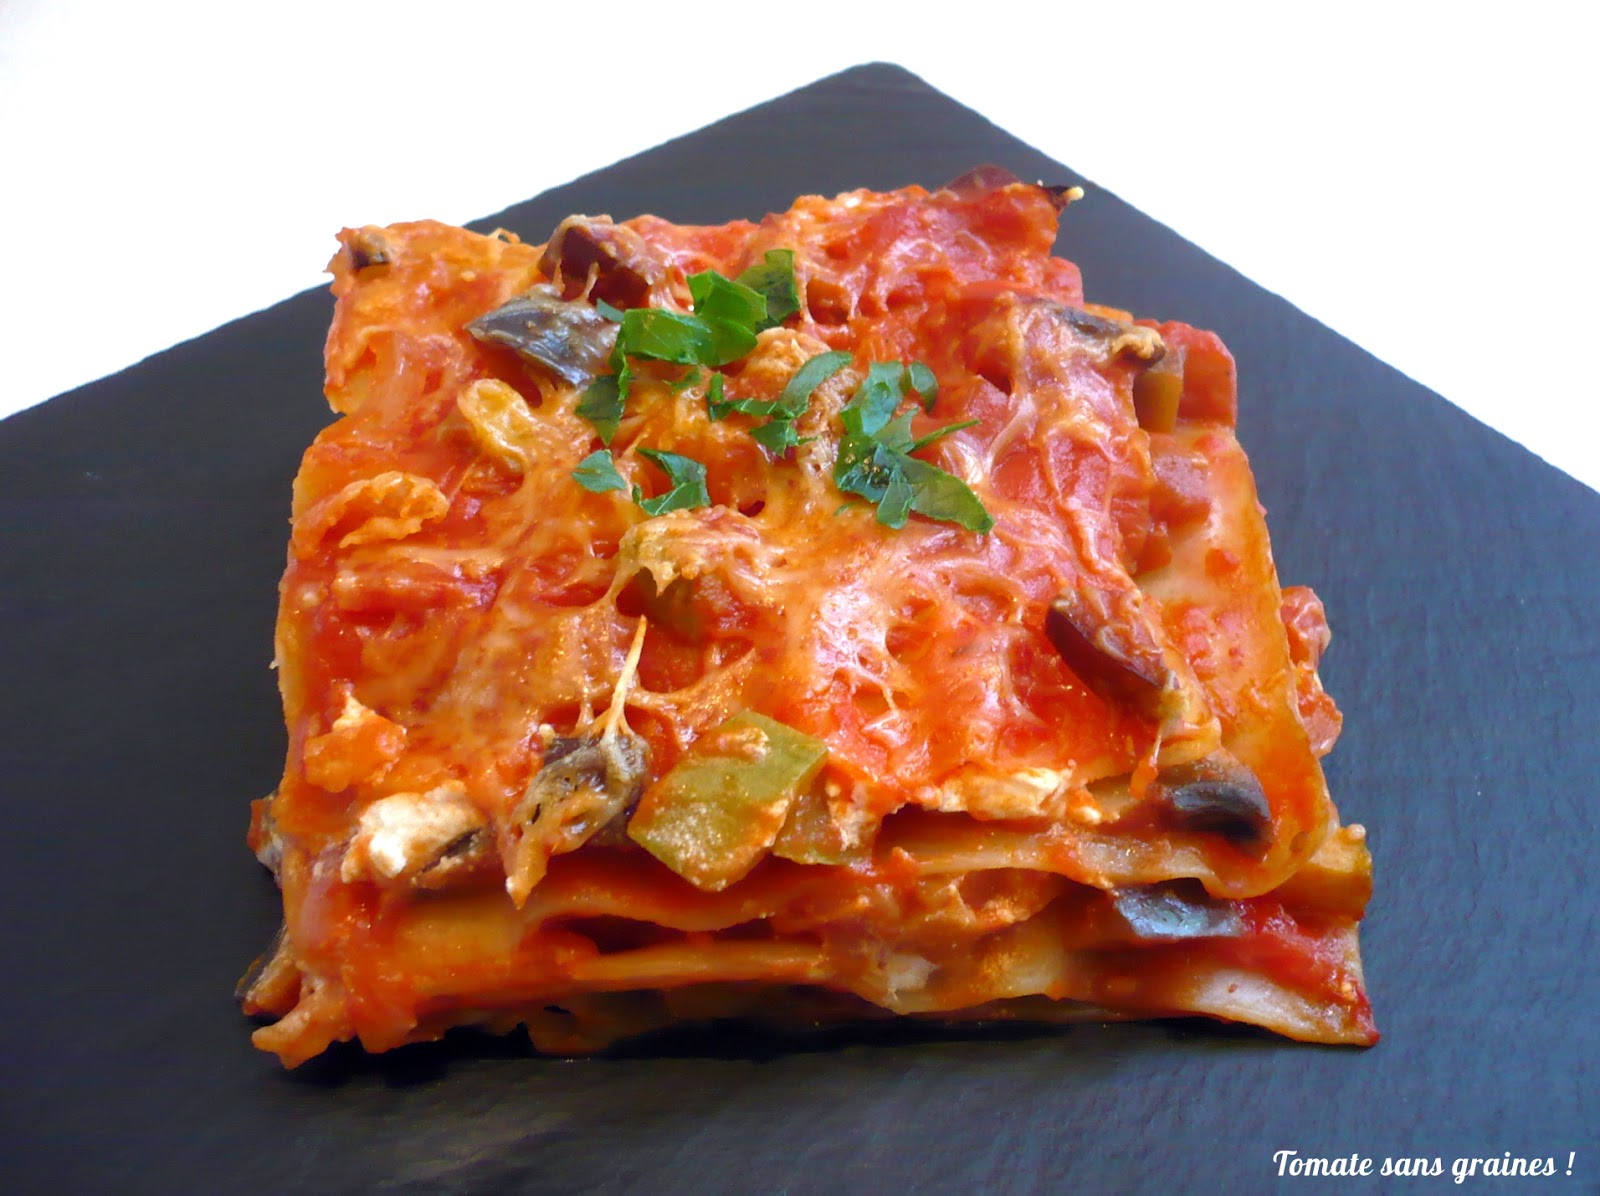 tomate sans graines green lifestyle les lasagnes ratatouille. Black Bedroom Furniture Sets. Home Design Ideas